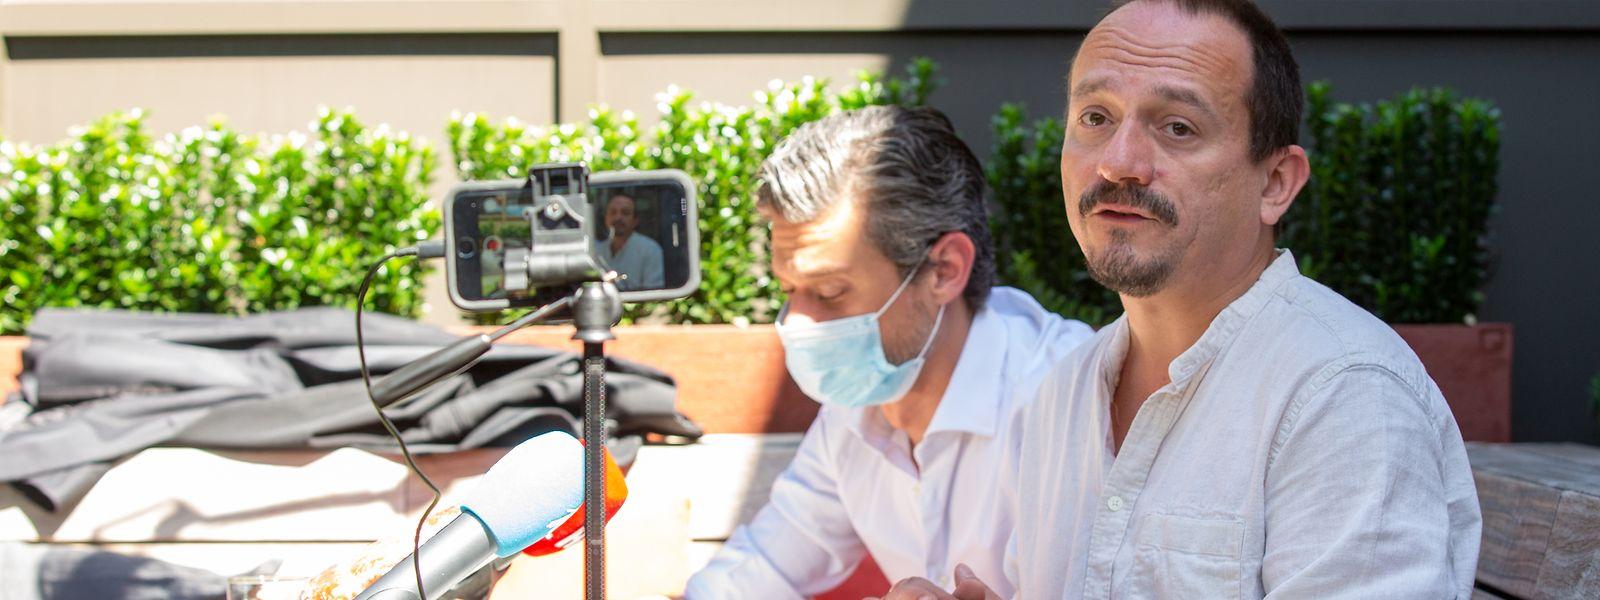 David Wagner et Marc Baum céderont leur fauteuil de député mercredi, comme cela est convenu dans les rangs Déi Lénk. Un turn-over sans doute vivifiant pour la vie politique.